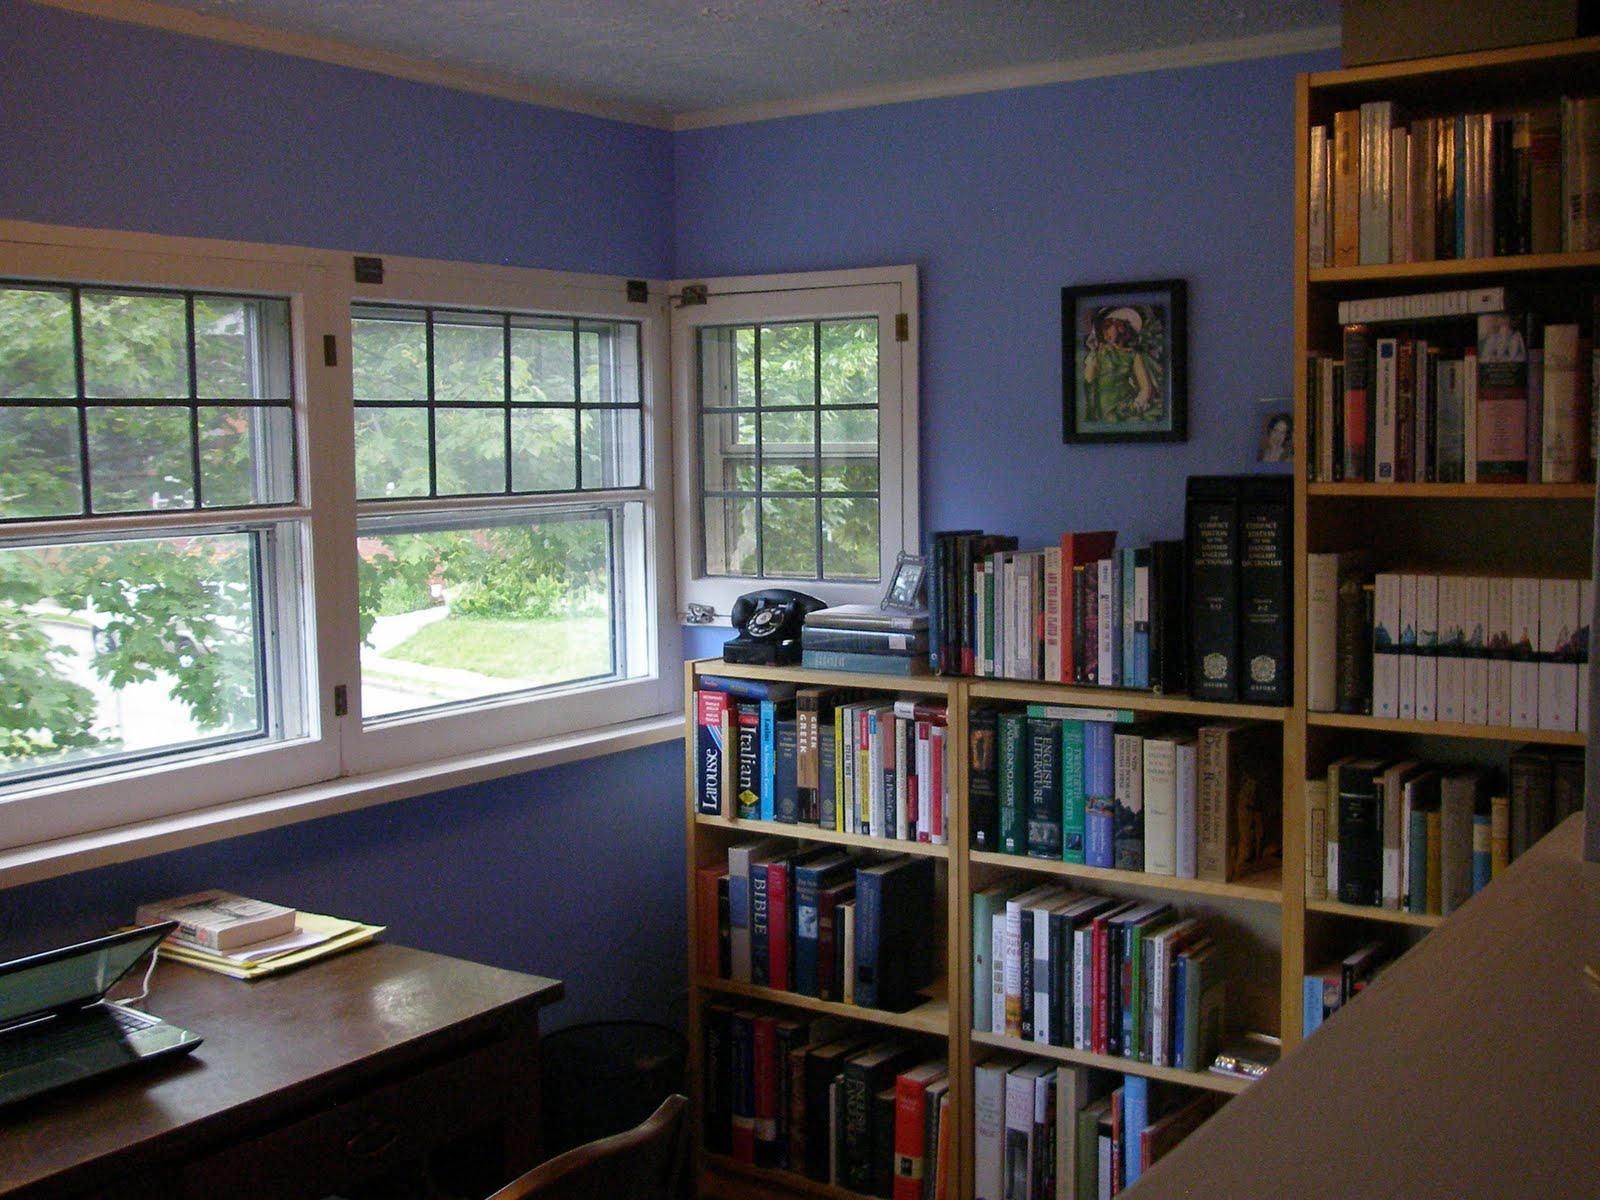 Ferule & Fescue: Unpacking my library